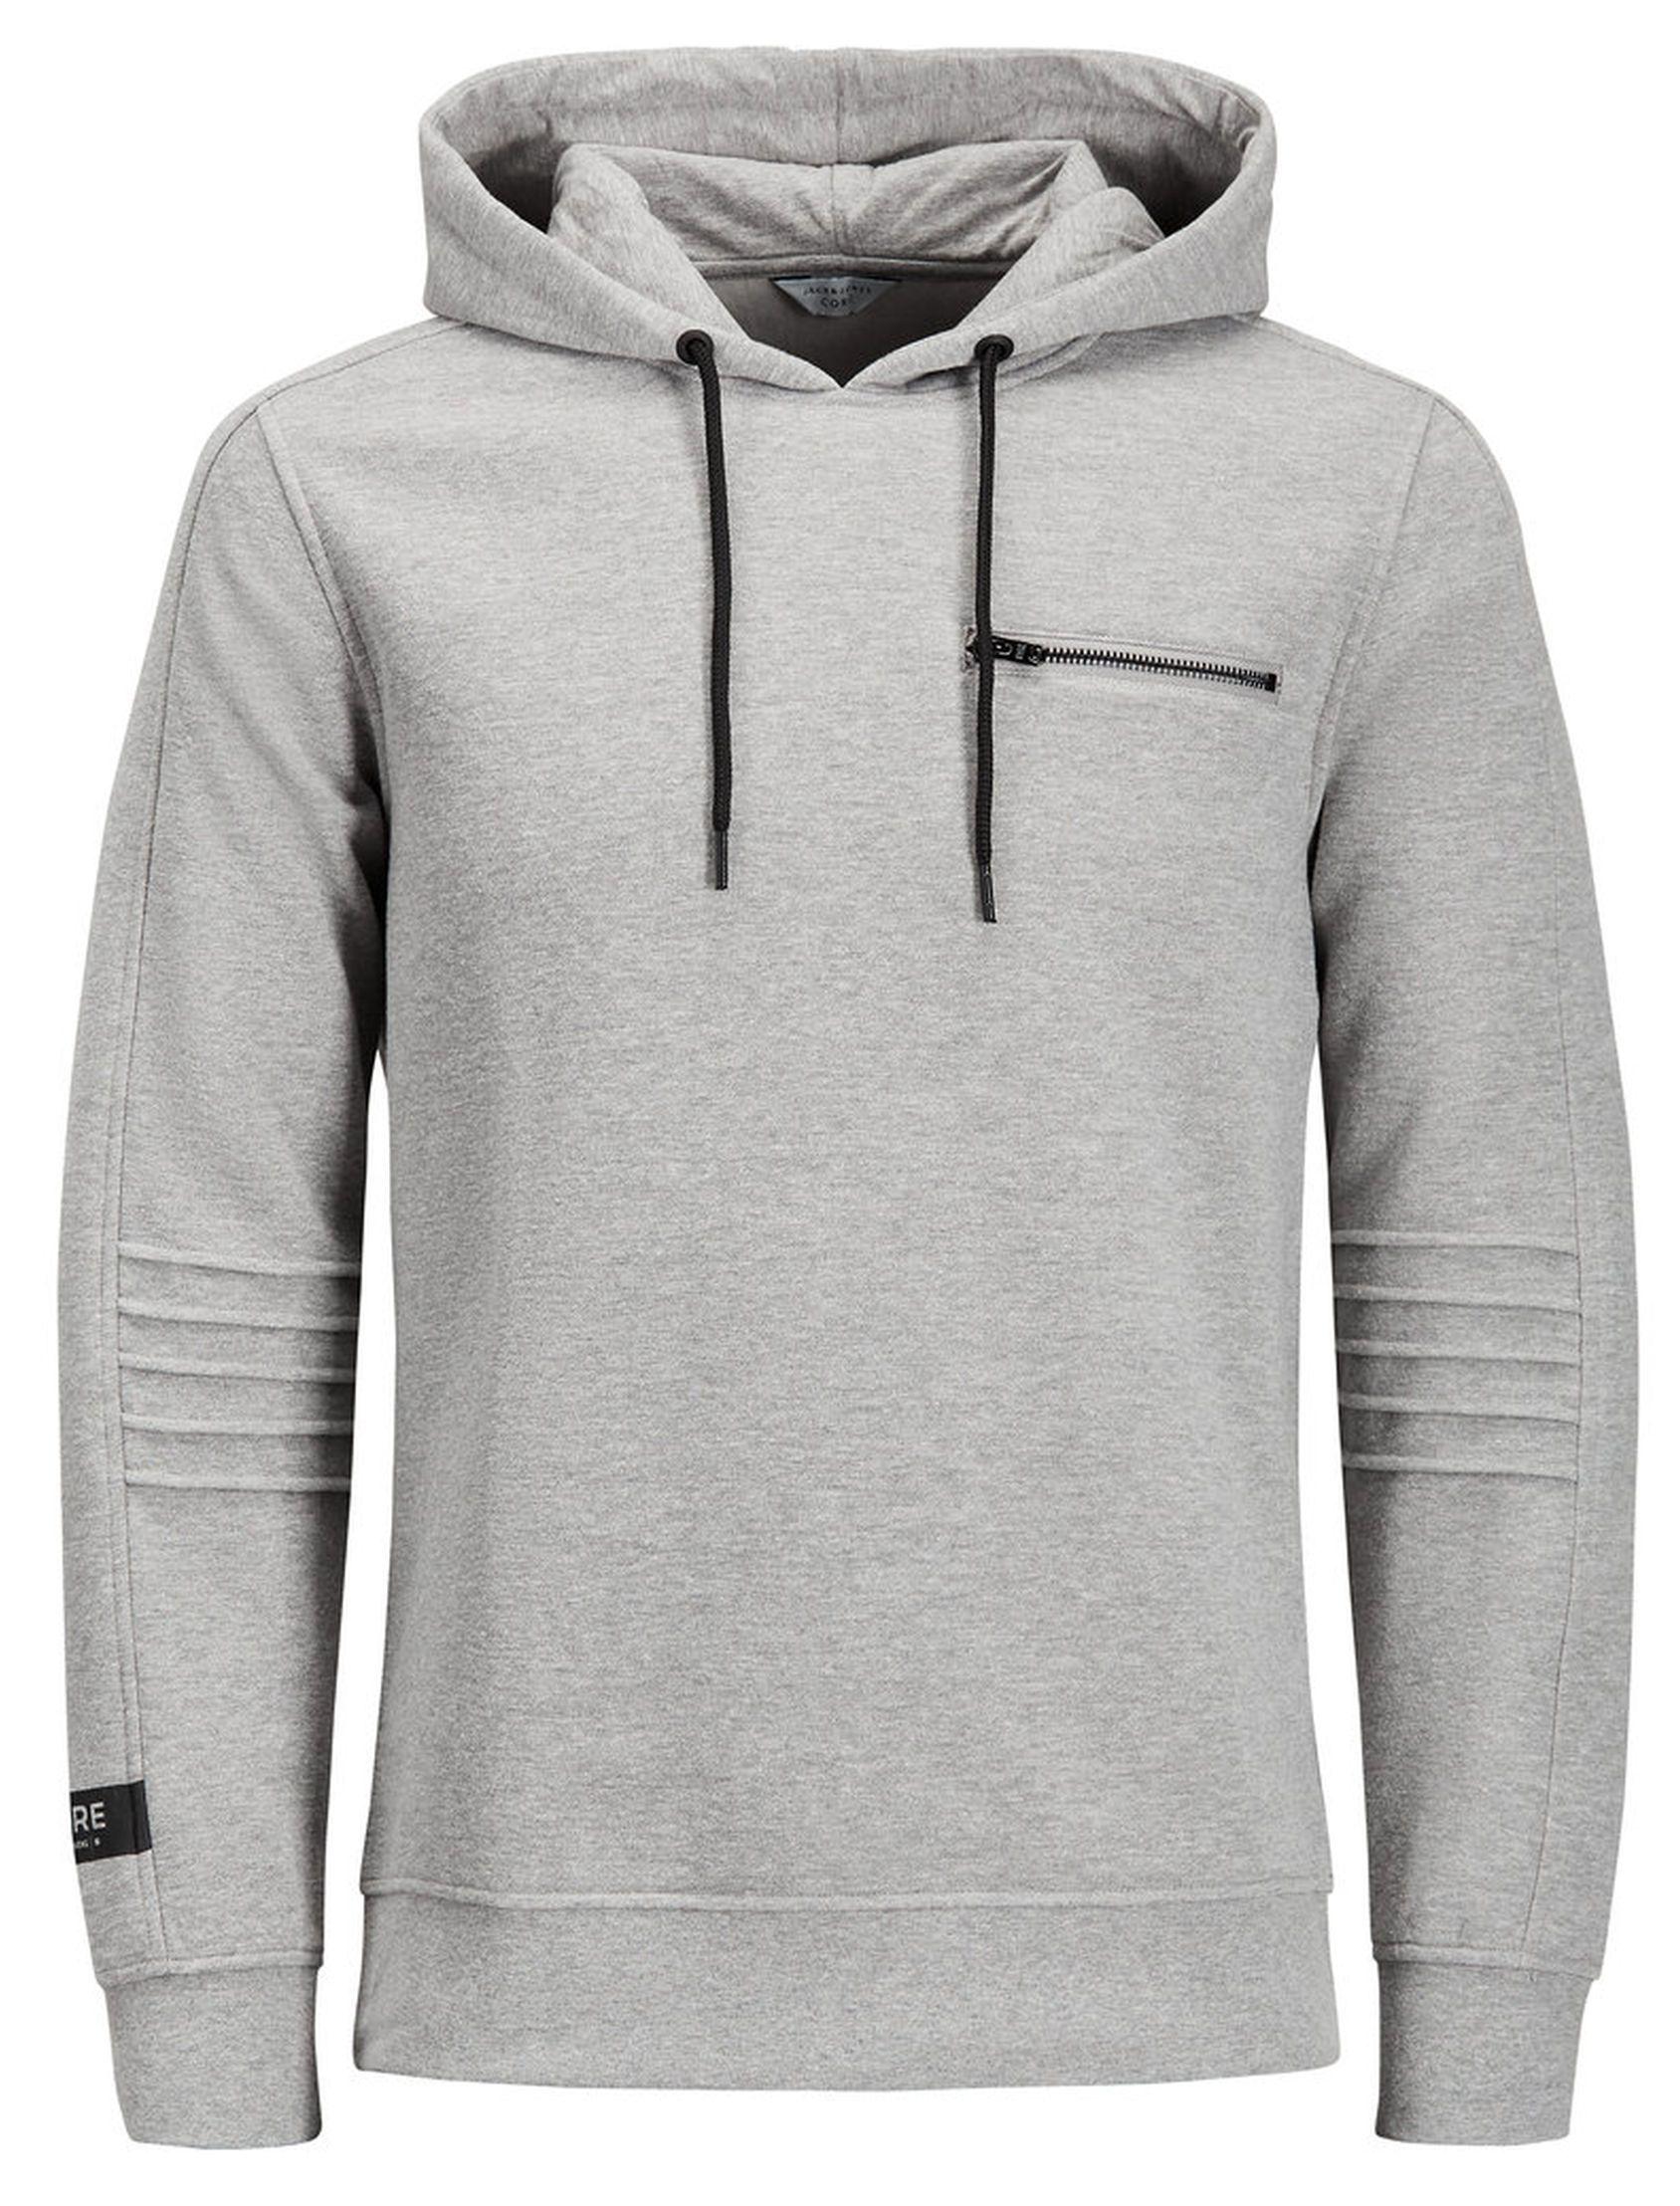 Jack Jones Core Pat Overhead Hoodie Light Grey In 2021 Jack Jones Mens Sweatshirts Hoodie Hoodie Print [ 2216 x 1688 Pixel ]